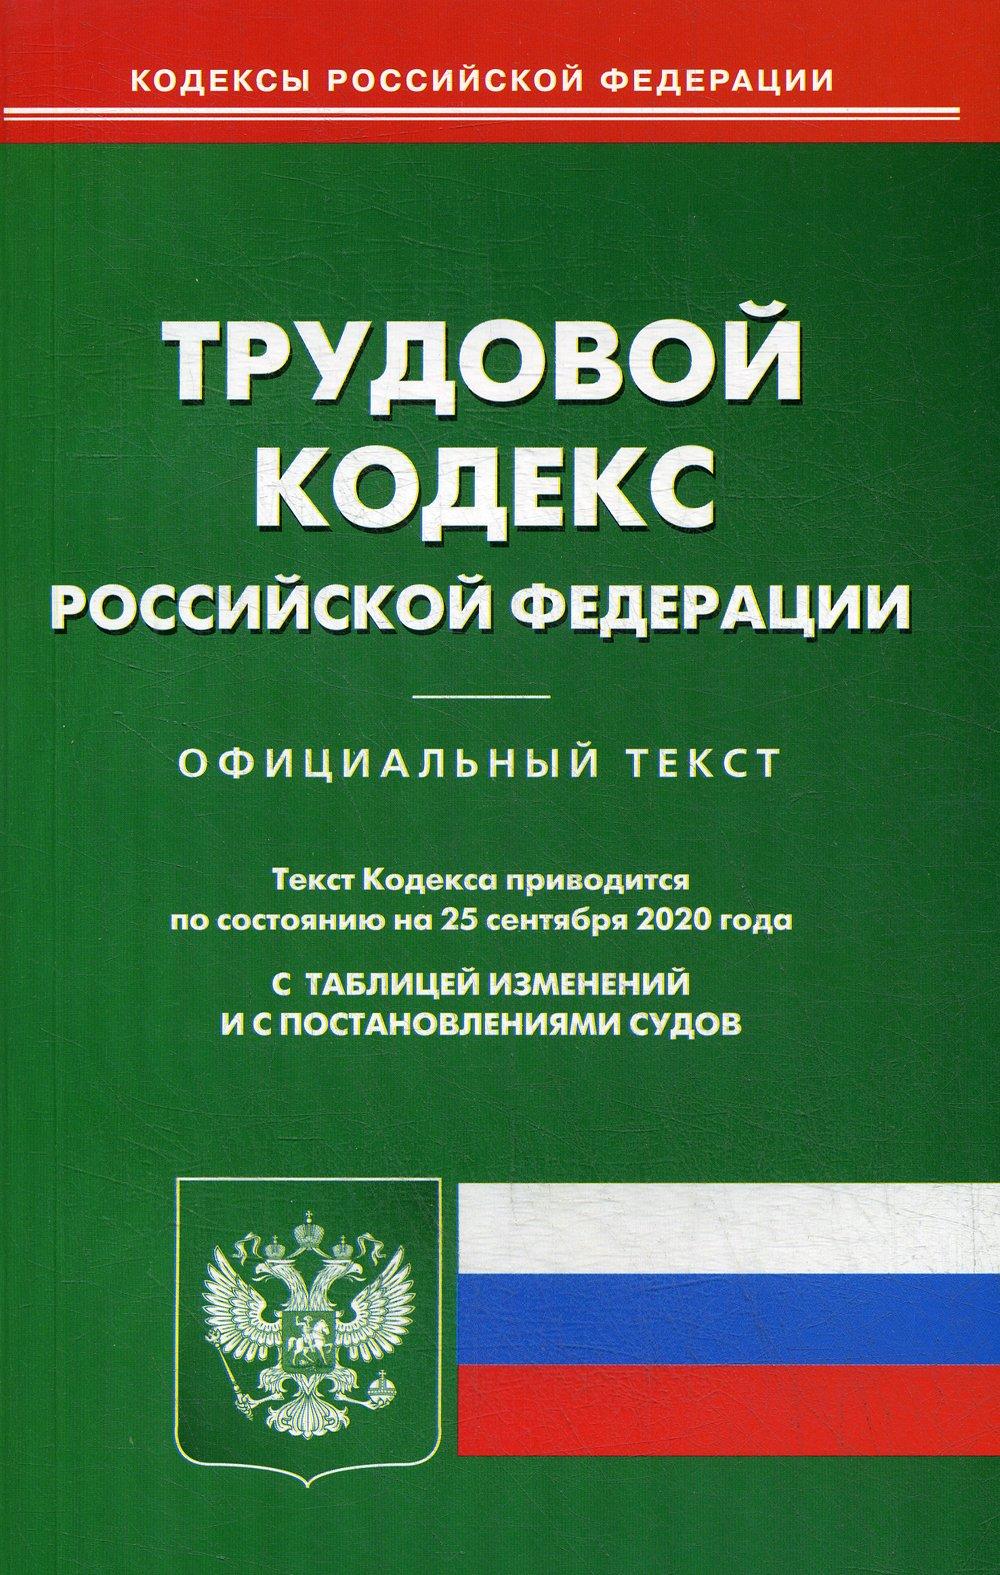 Трудовой кодекс РФ (по сост. на 25.09.2020 г.)